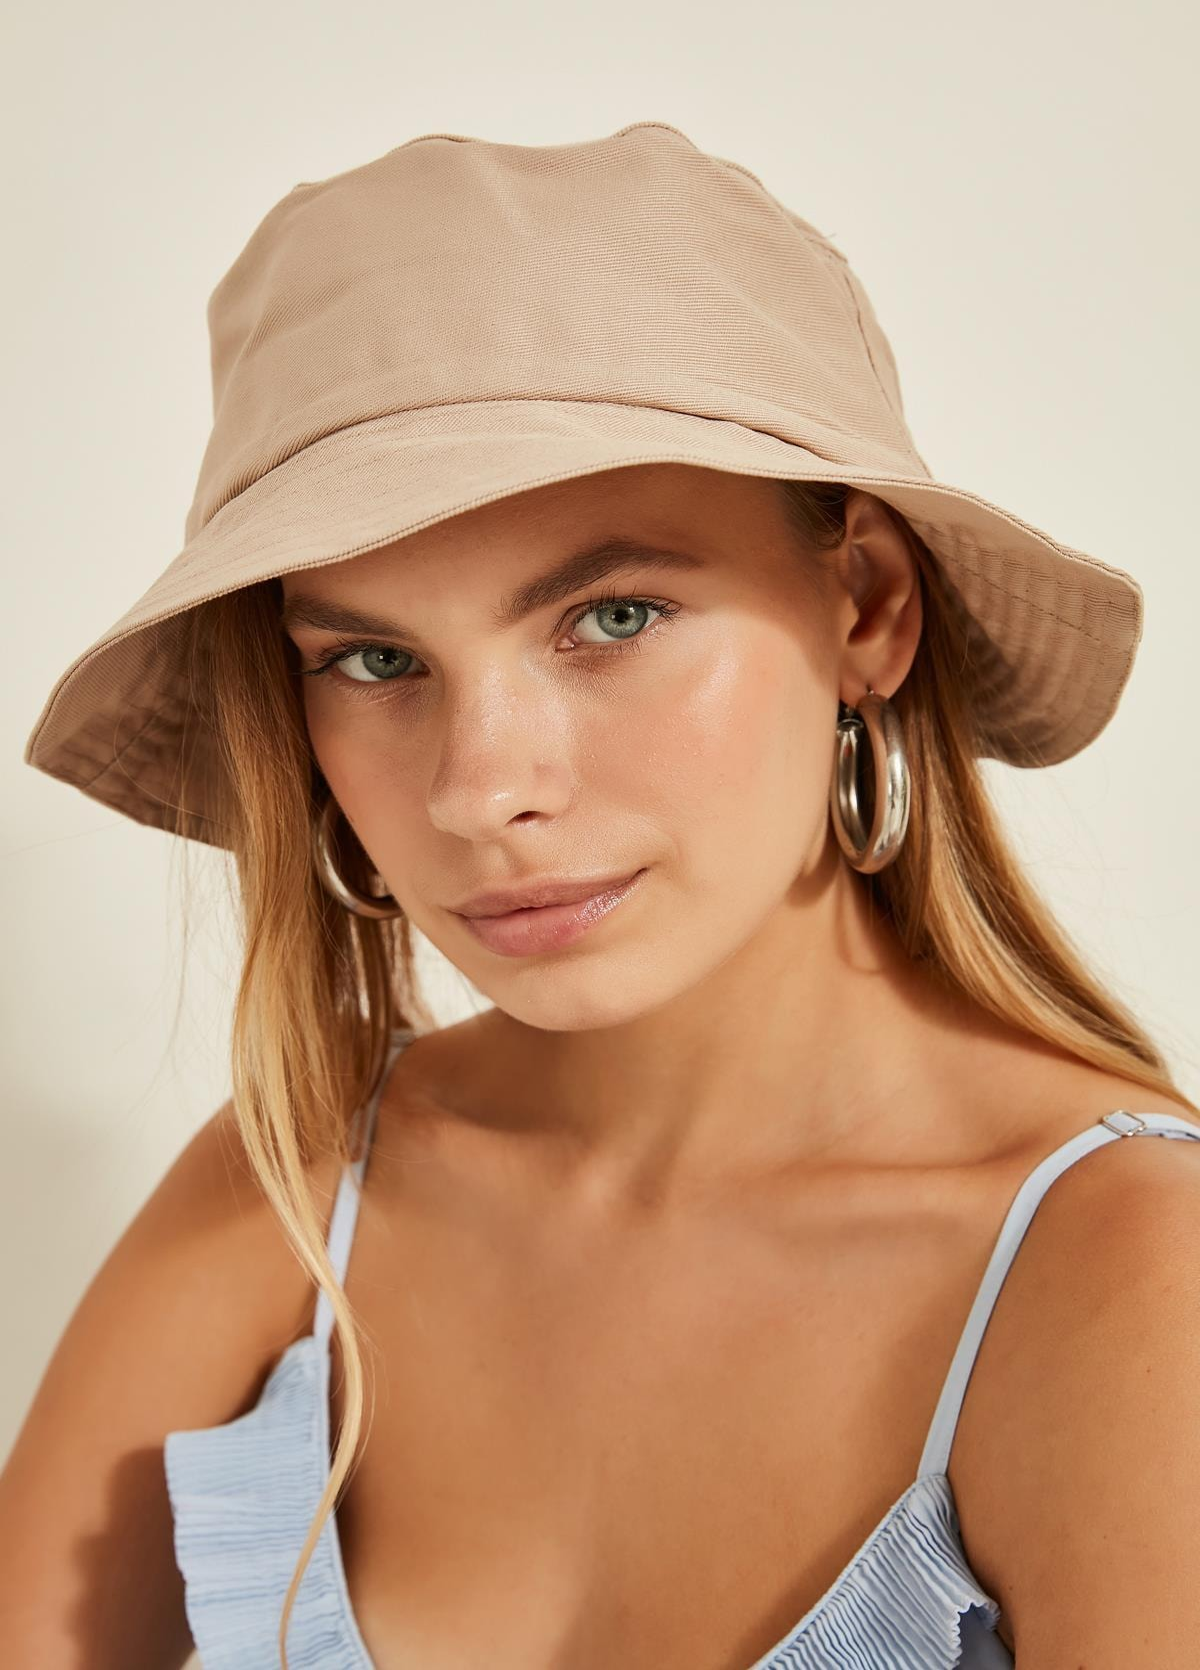 تصویر خرید نقدی کلاه زنانه فروشگاه اینترنتی برند Y-London رنگ بژ کد ty42423798